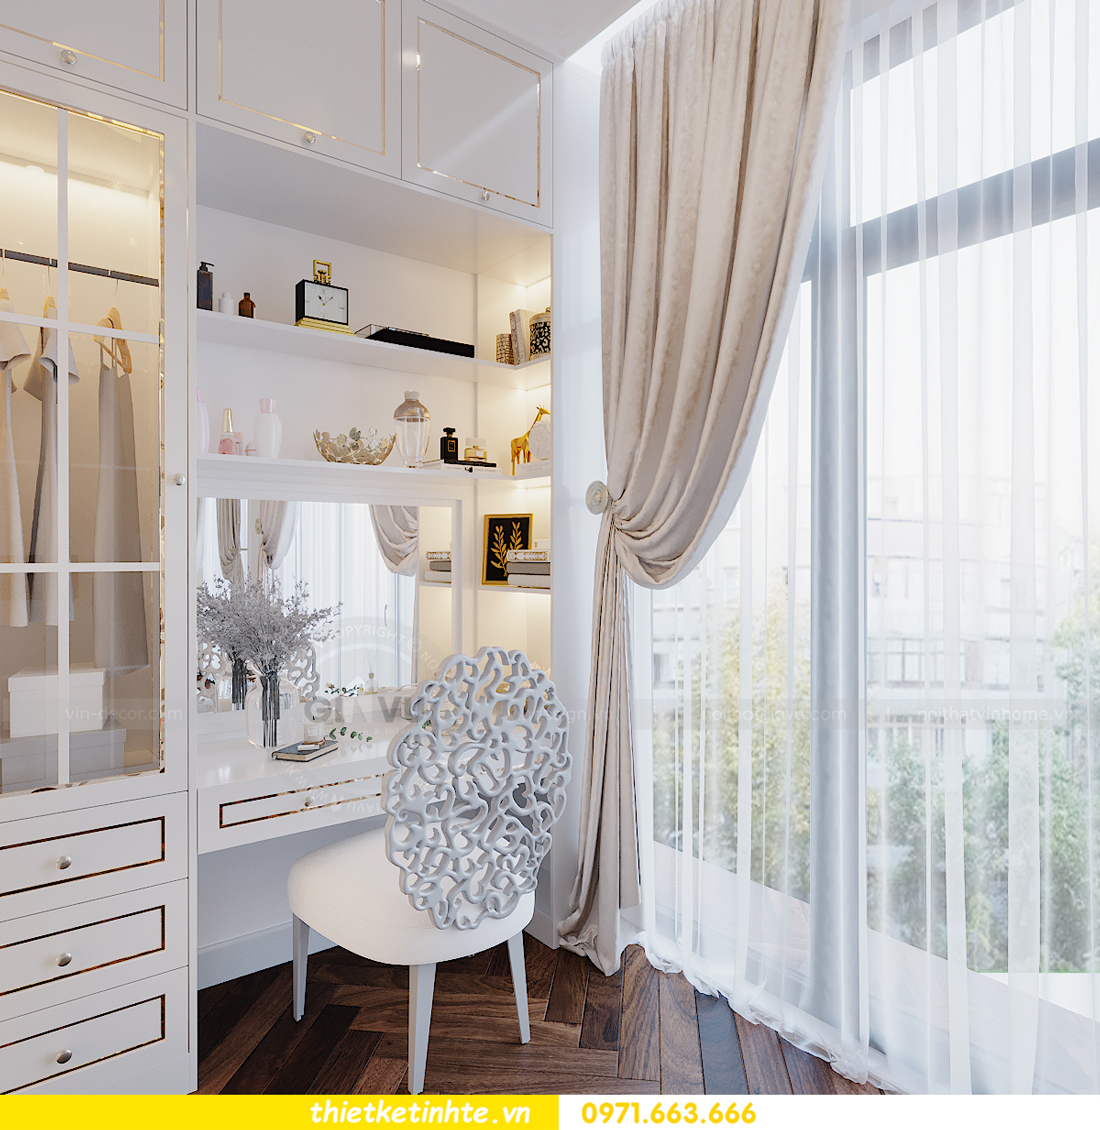 Thiết kế nội thất biệt thự Sao Biển 02-29 Ocean Park căn 90m2 14